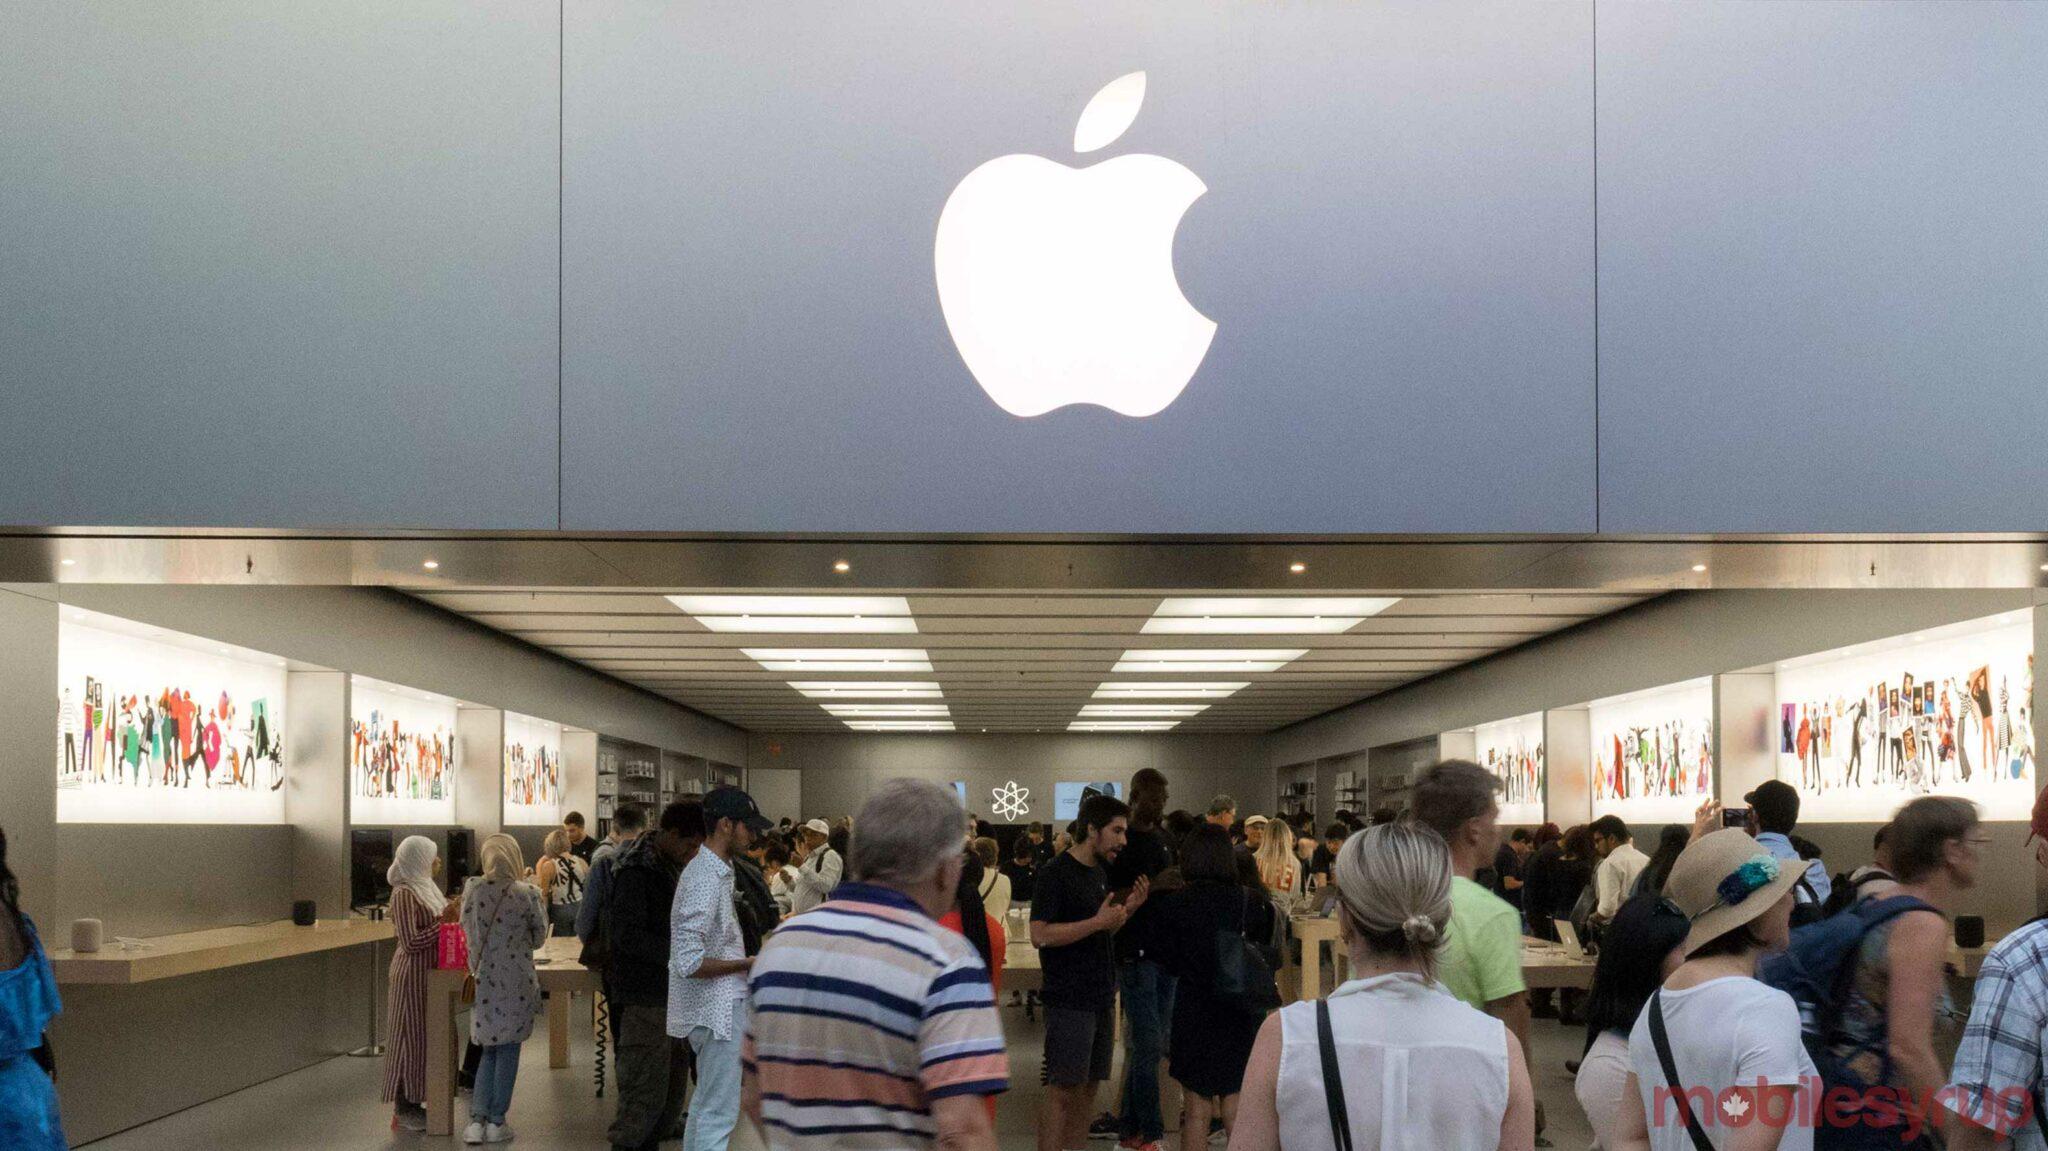 Apple posts $89.6 billion USD in revenue in Q2 2021 earnings